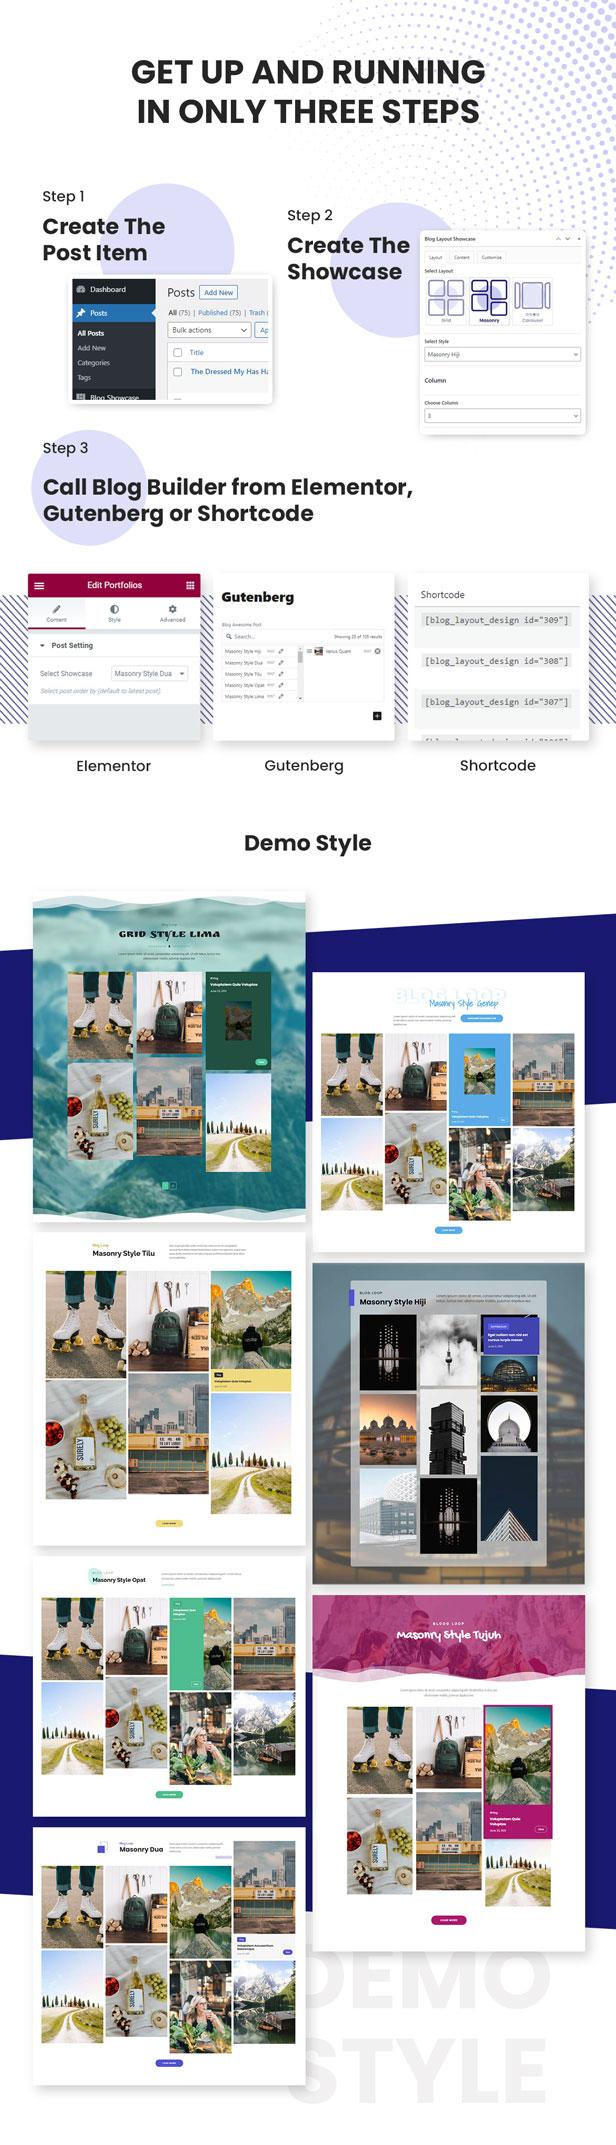 Advanced Masonry Blog Layout Design - 4